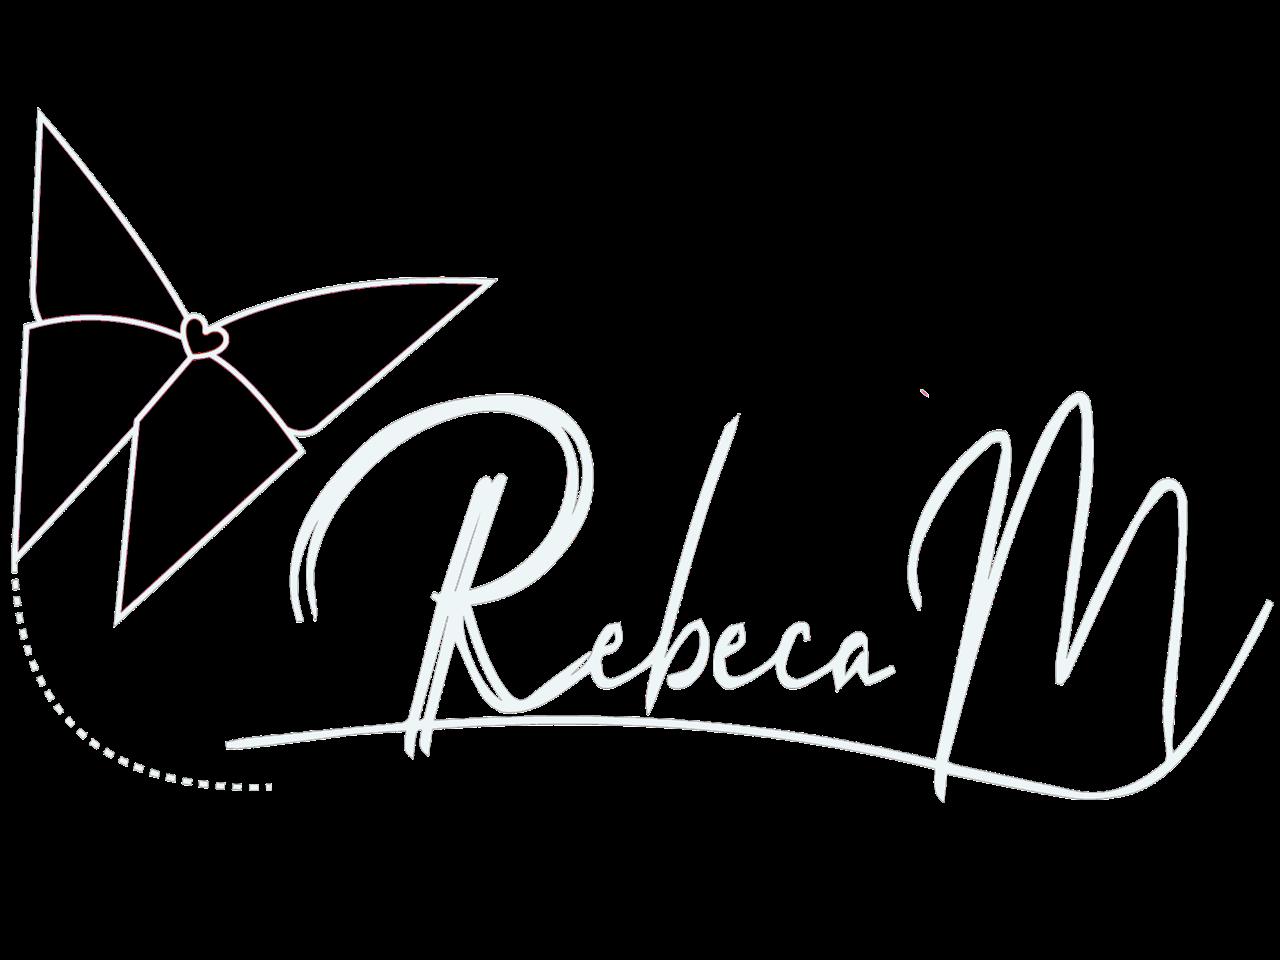 Rebeca Montoya. Todo en la vida viene a mi con facilidad, gloria y gozo